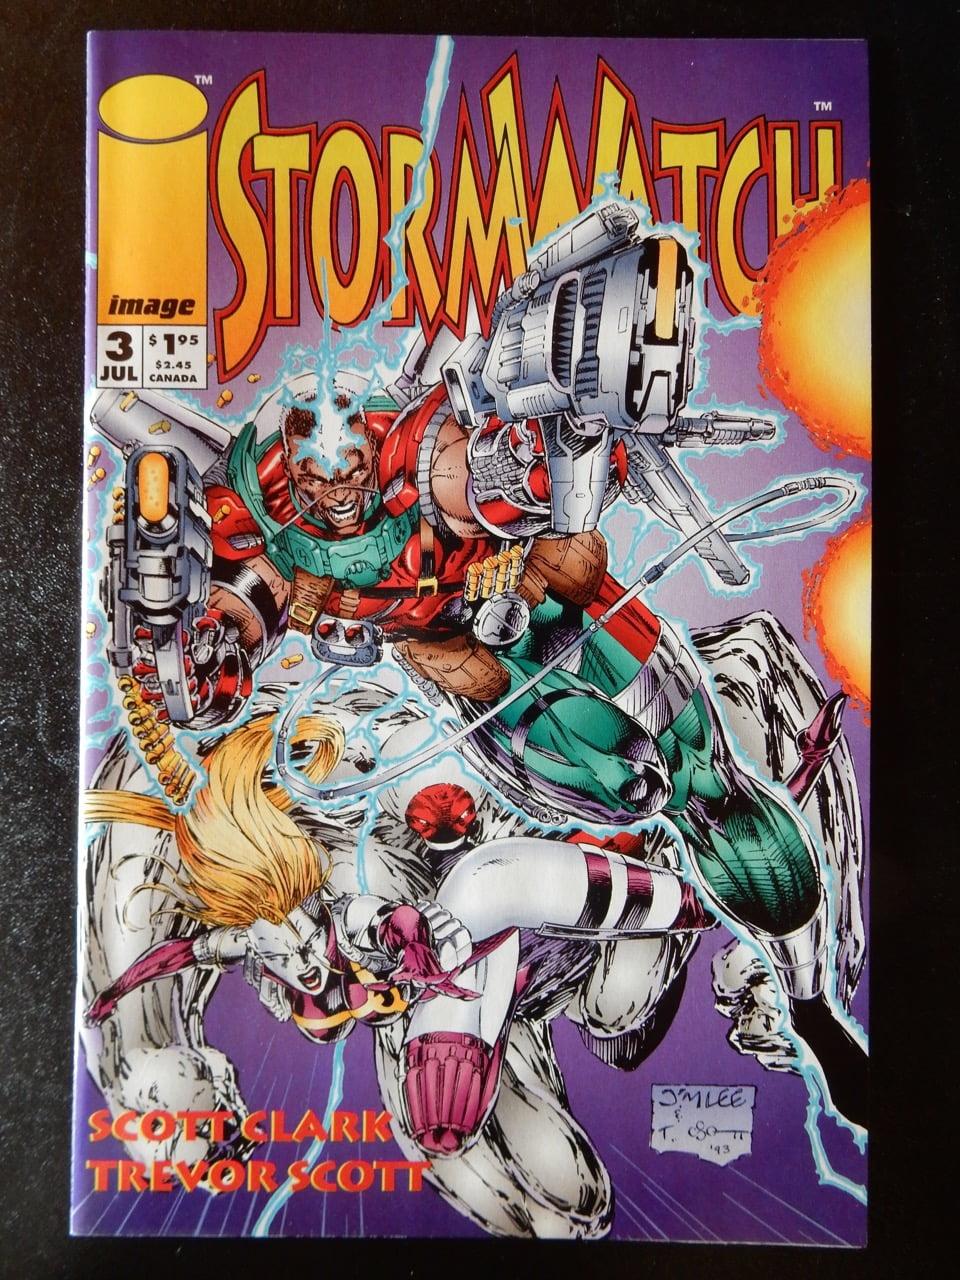 Stormwatch #3 by Scott Clark and Trevor Scott